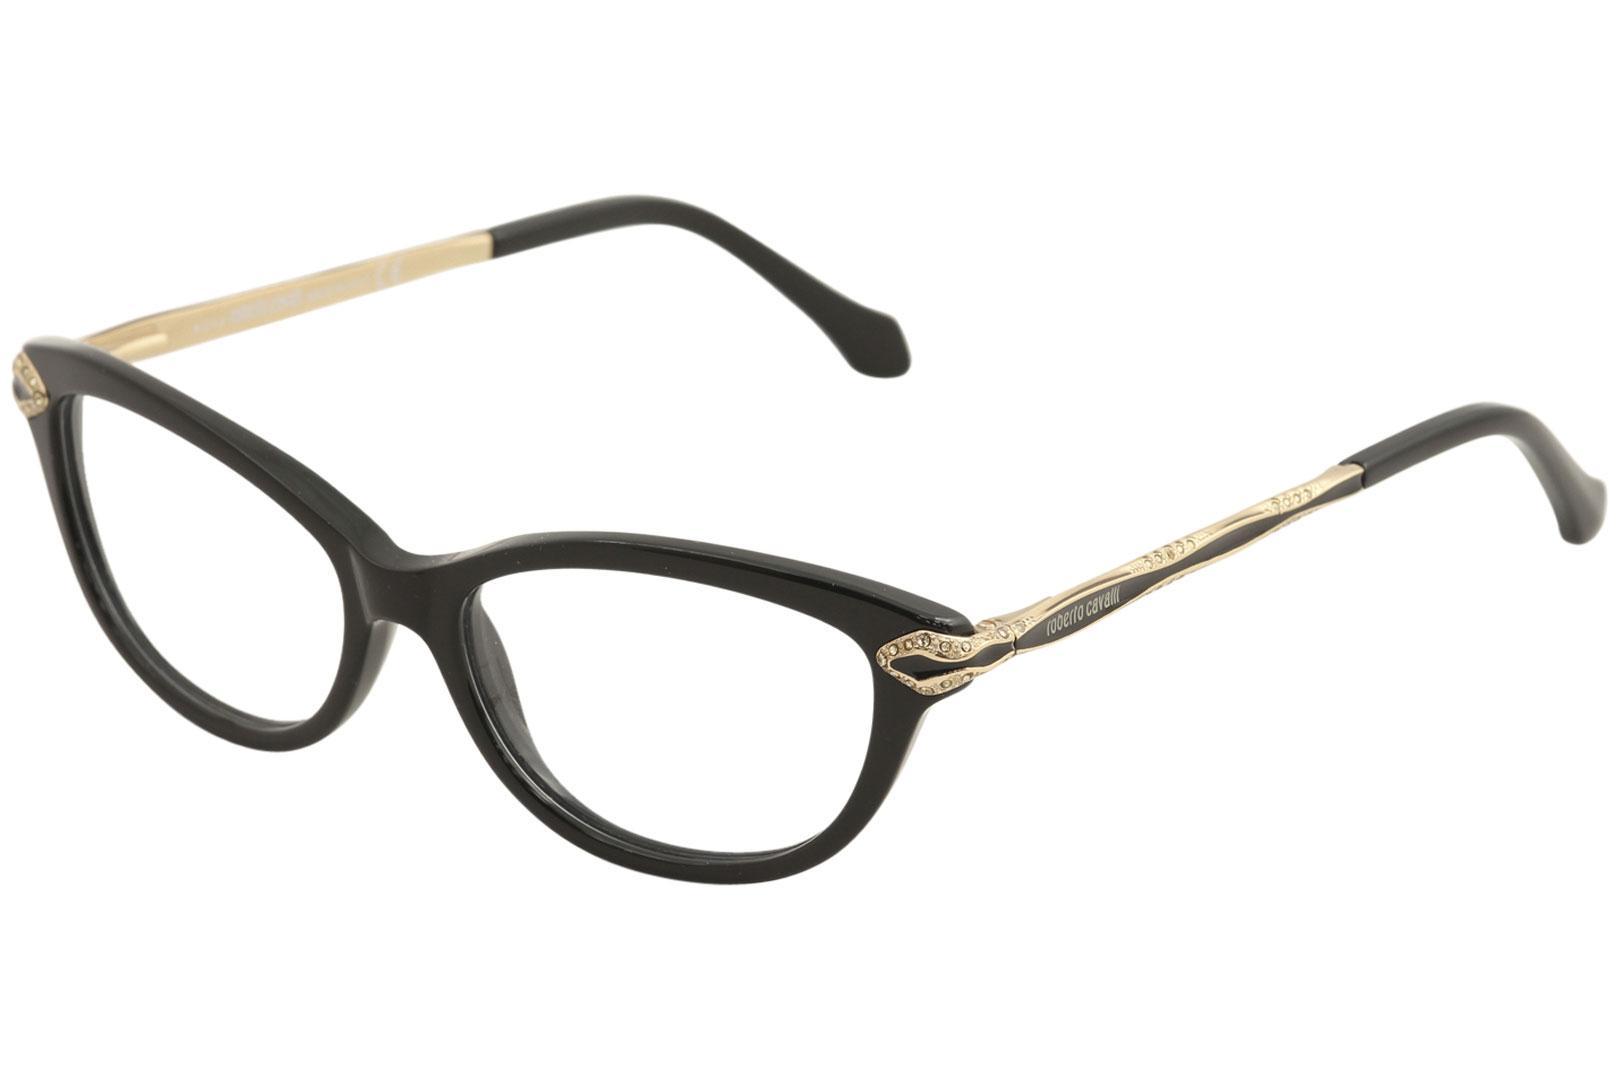 29b816d1888 Roberto Cavalli Women s Eyeglasses Alkalurops 813 Full Rim Optical Frame